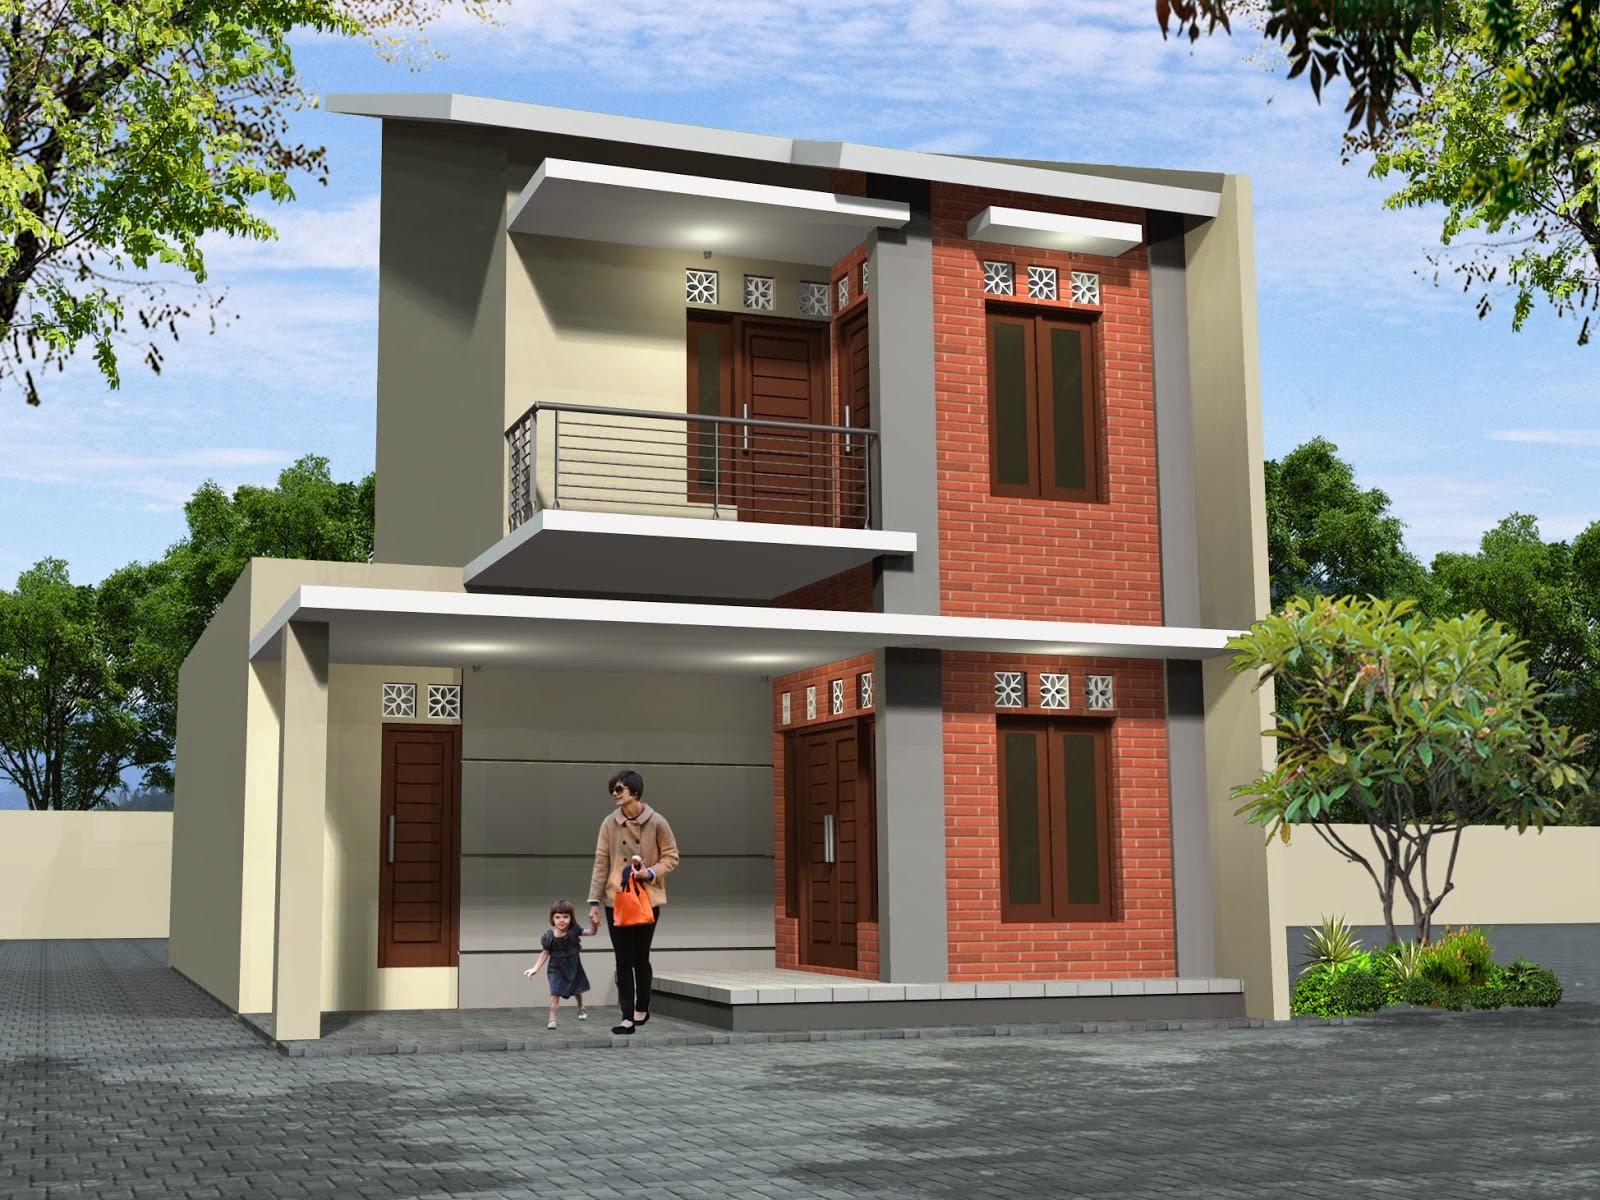 67 Desain Rumah Minimalis Ukuran 4x12  Desain Rumah